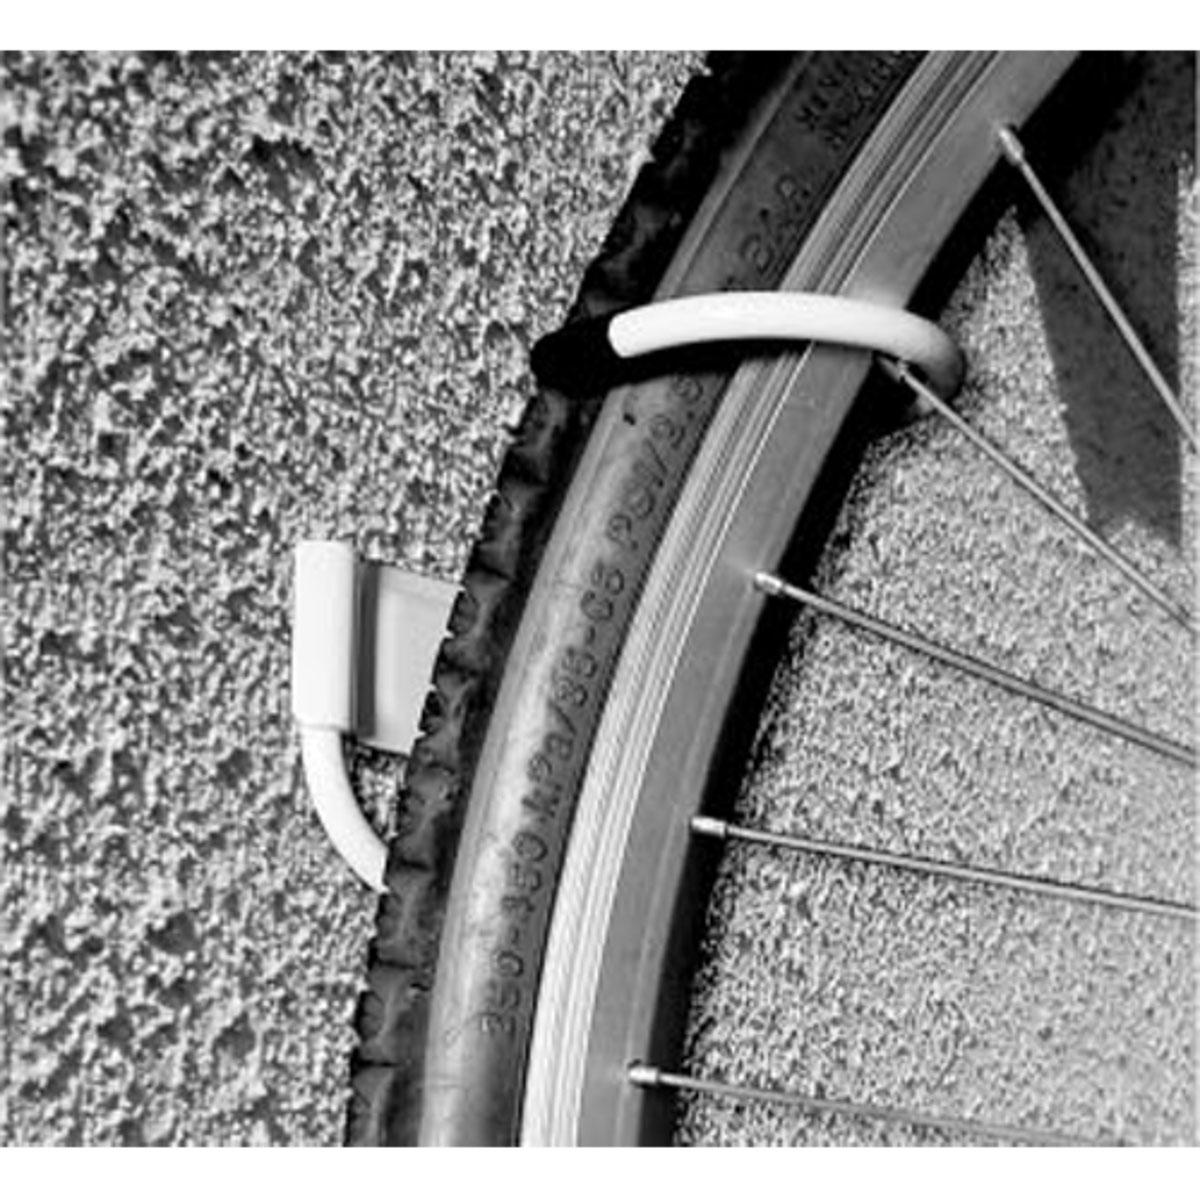 Подвес велосипедный МастерПроф, до 27 кгАС.050027Подвес для хранения велосипеда МастерПроф используется для установки в гаражных или кладовых помещениях. Изделие служит для удержания велосипеда в подвесном состоянии и освобождения места для хранения других необходимых предметов. Подвес имеет прочную конструкцию, максимальная нагрузка может достигать 27 кг.Крепеж в комплекте. Гид по велоаксессуарам. Статья OZON Гид